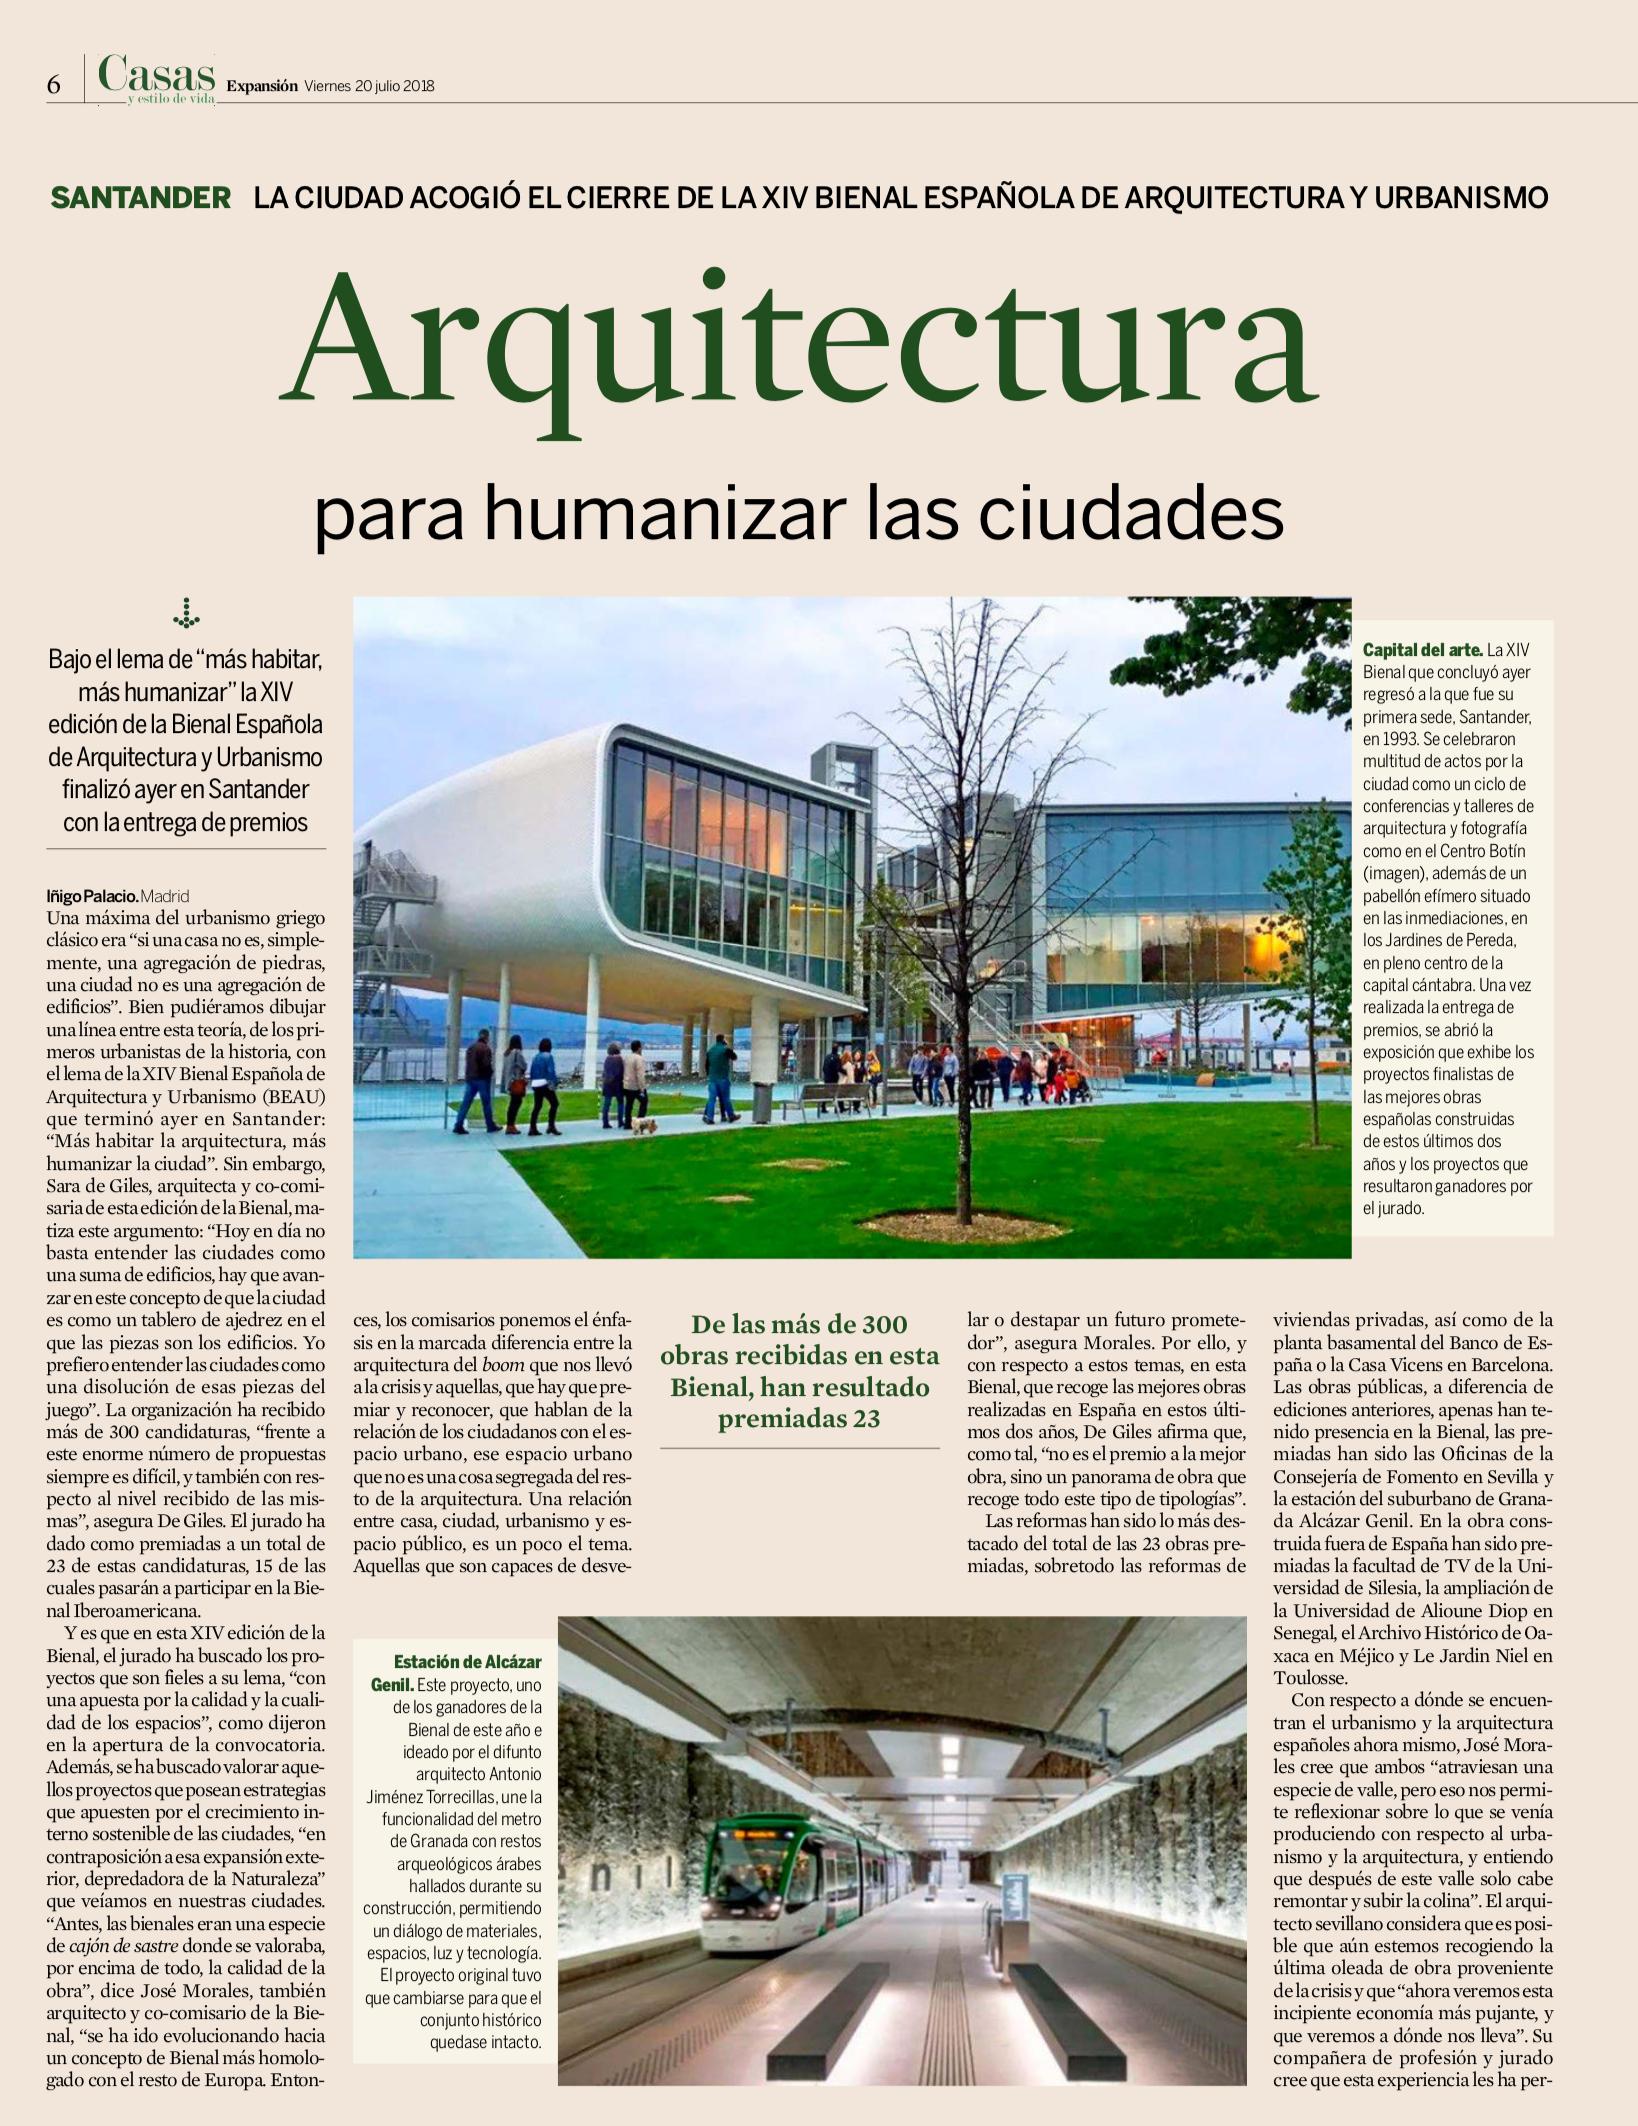 Arquitectura para humanizar las ciudades - EXPANSIÓN